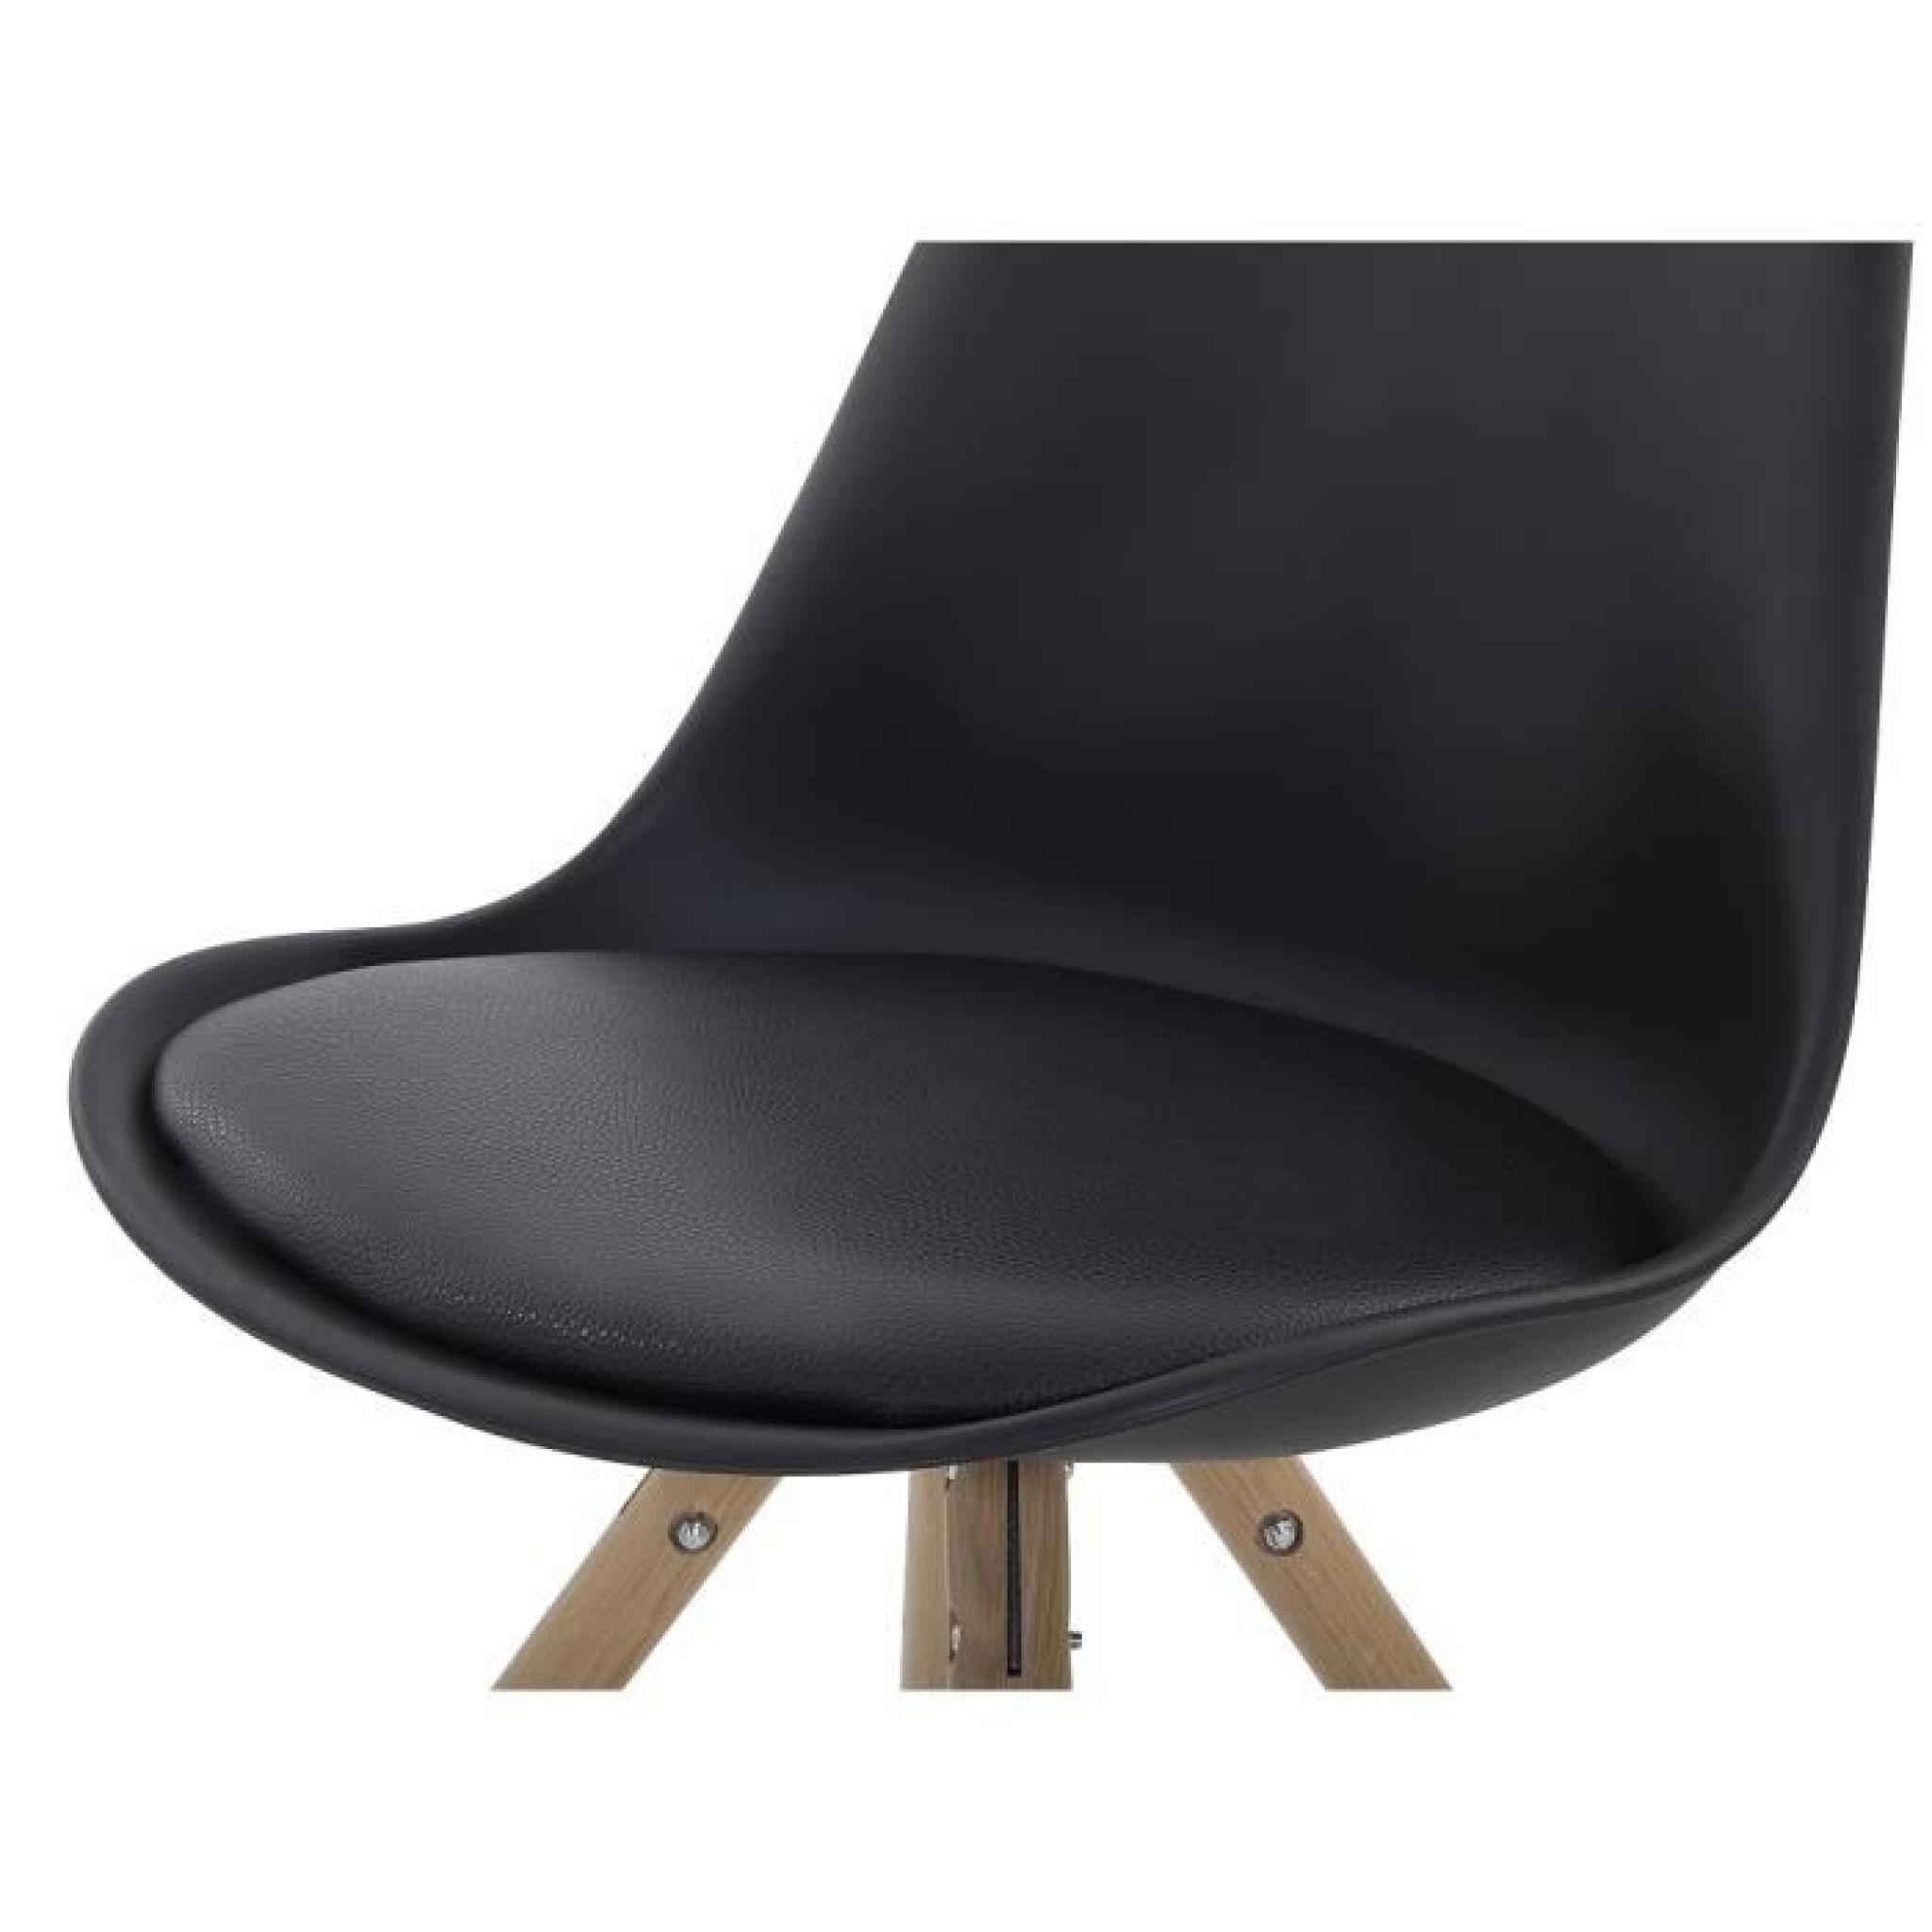 chaise design sige en plastique noir moca pas cher - Chaise Design Plastique